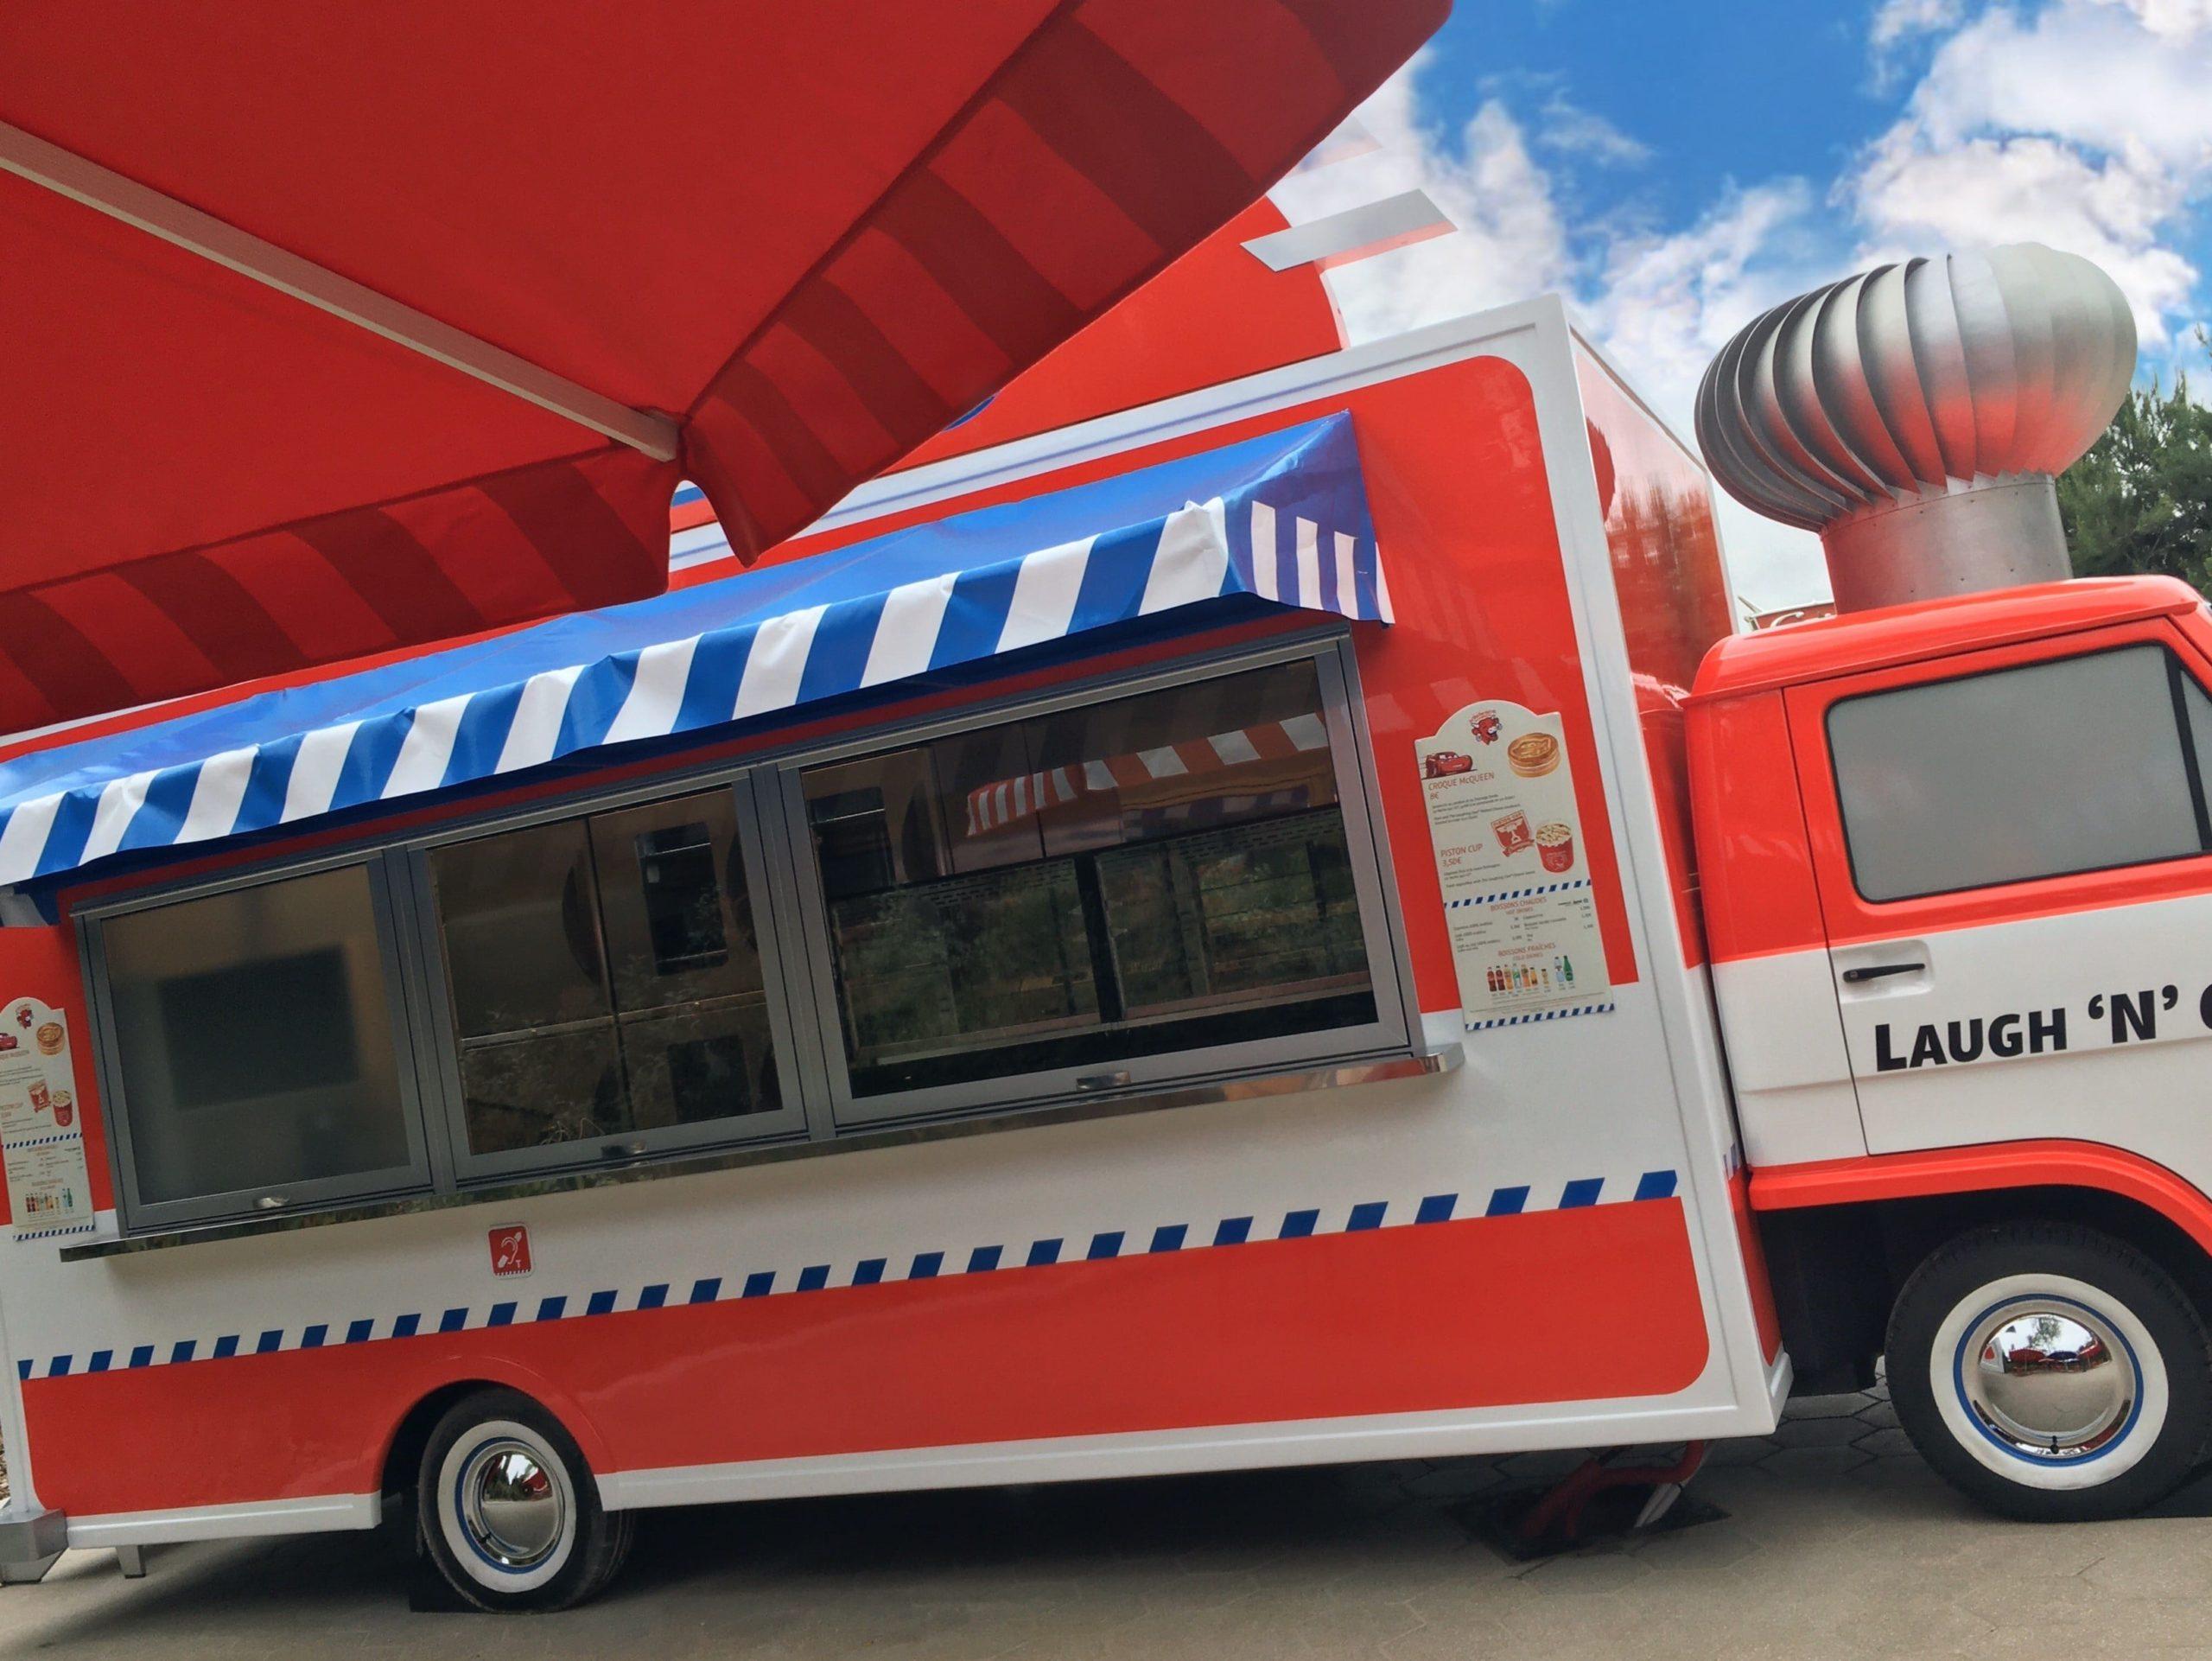 Cars Laugh 'n Go Food Truck in the Walt Disney Studios Park at Disneyland Paris